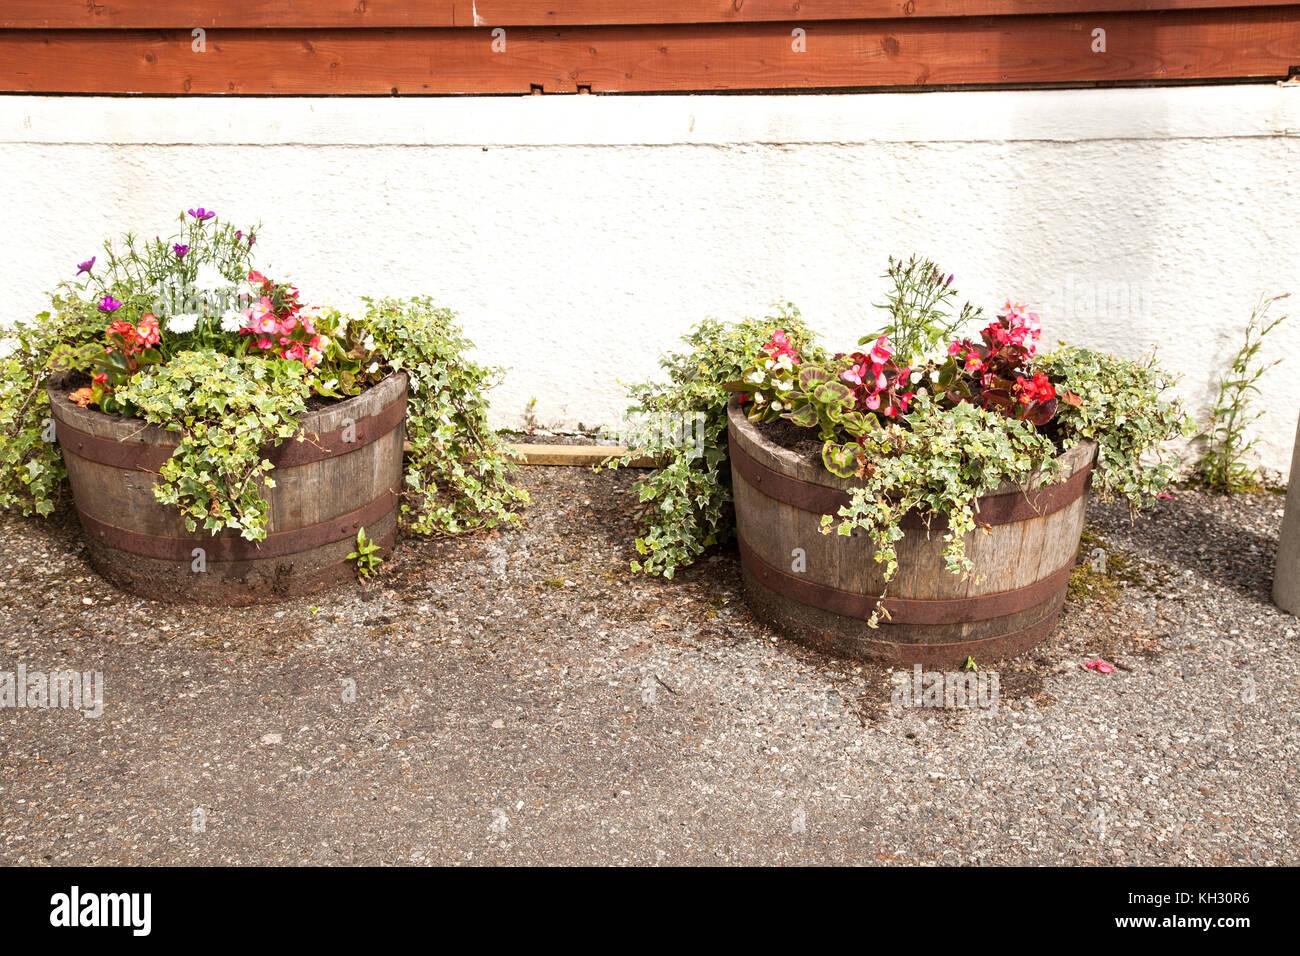 Geranium flowers sky stock photos geranium flowers sky stock images alamy - Care geraniums flourishing balcony porch ...